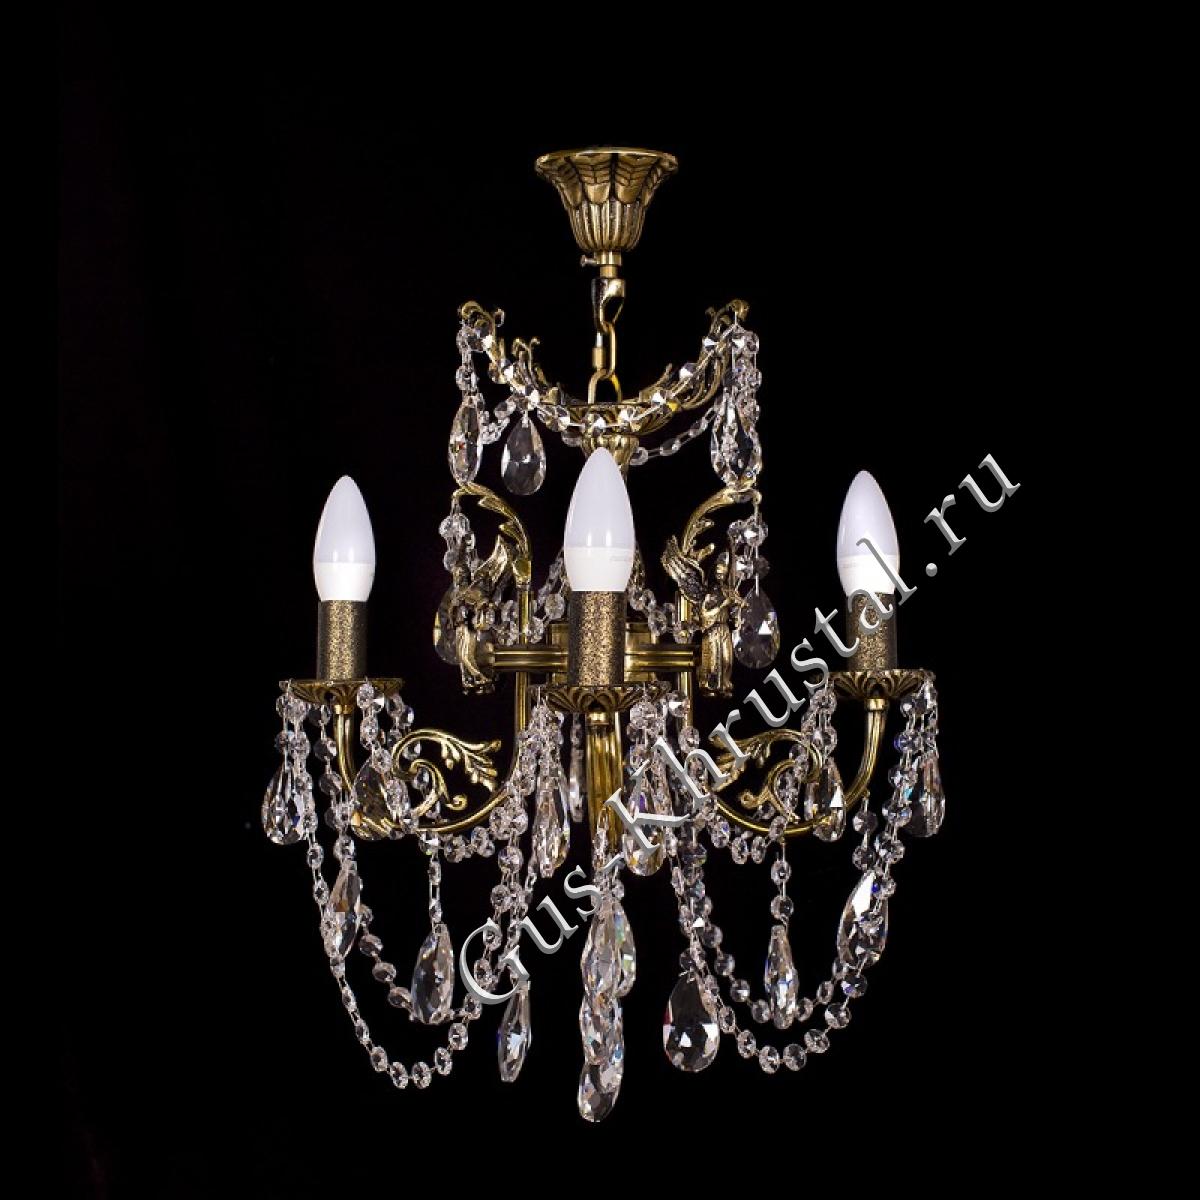 Люстра бронзовая Ангел № 1 (4 лампы)